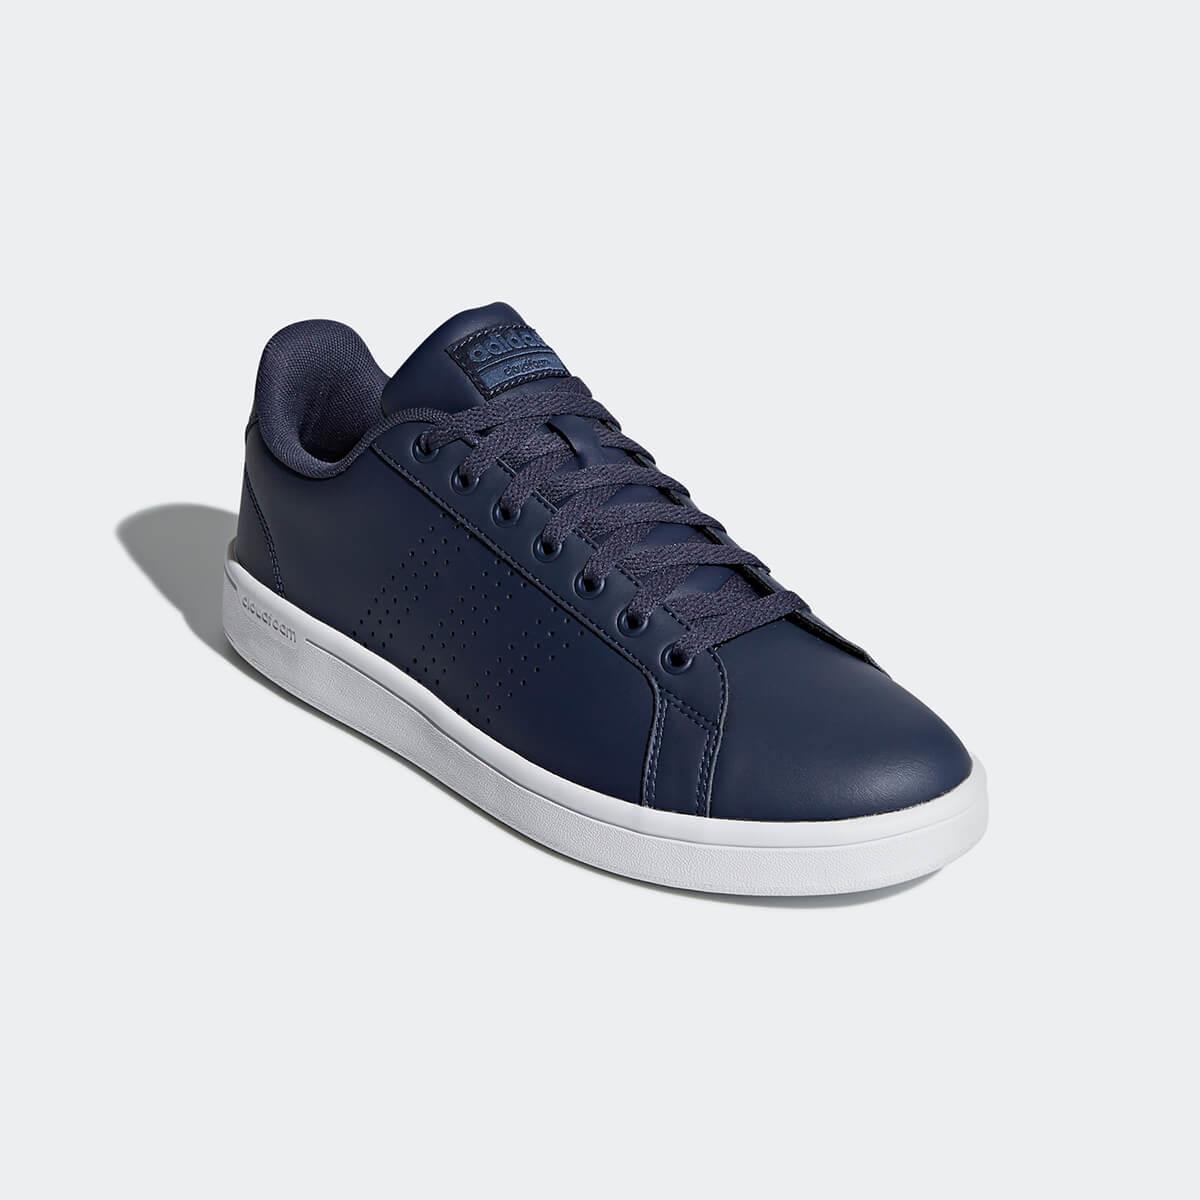 Adidas CF ADVANTAGE CL Blue Mens UK 6